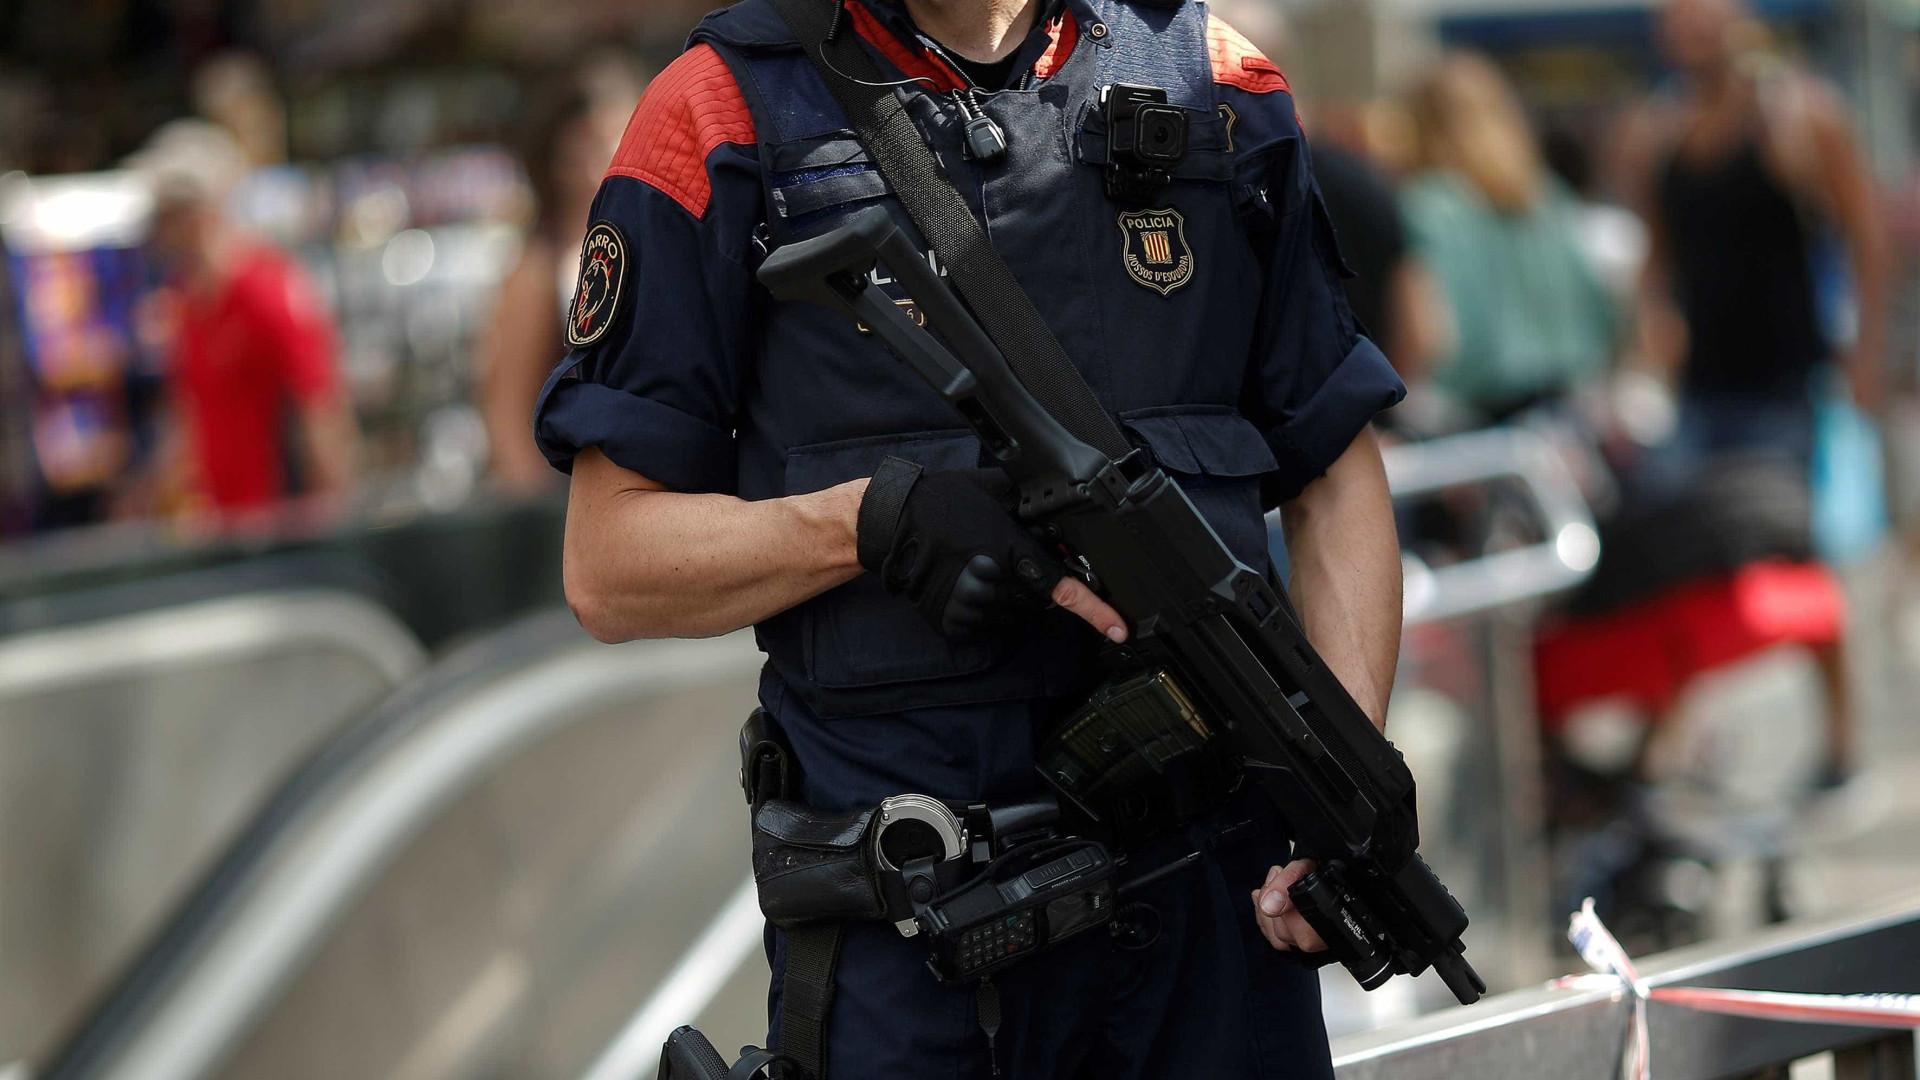 """Polícia espanhola abate homem que invadiu esquadra a dizer """"Allahu Akbar"""""""